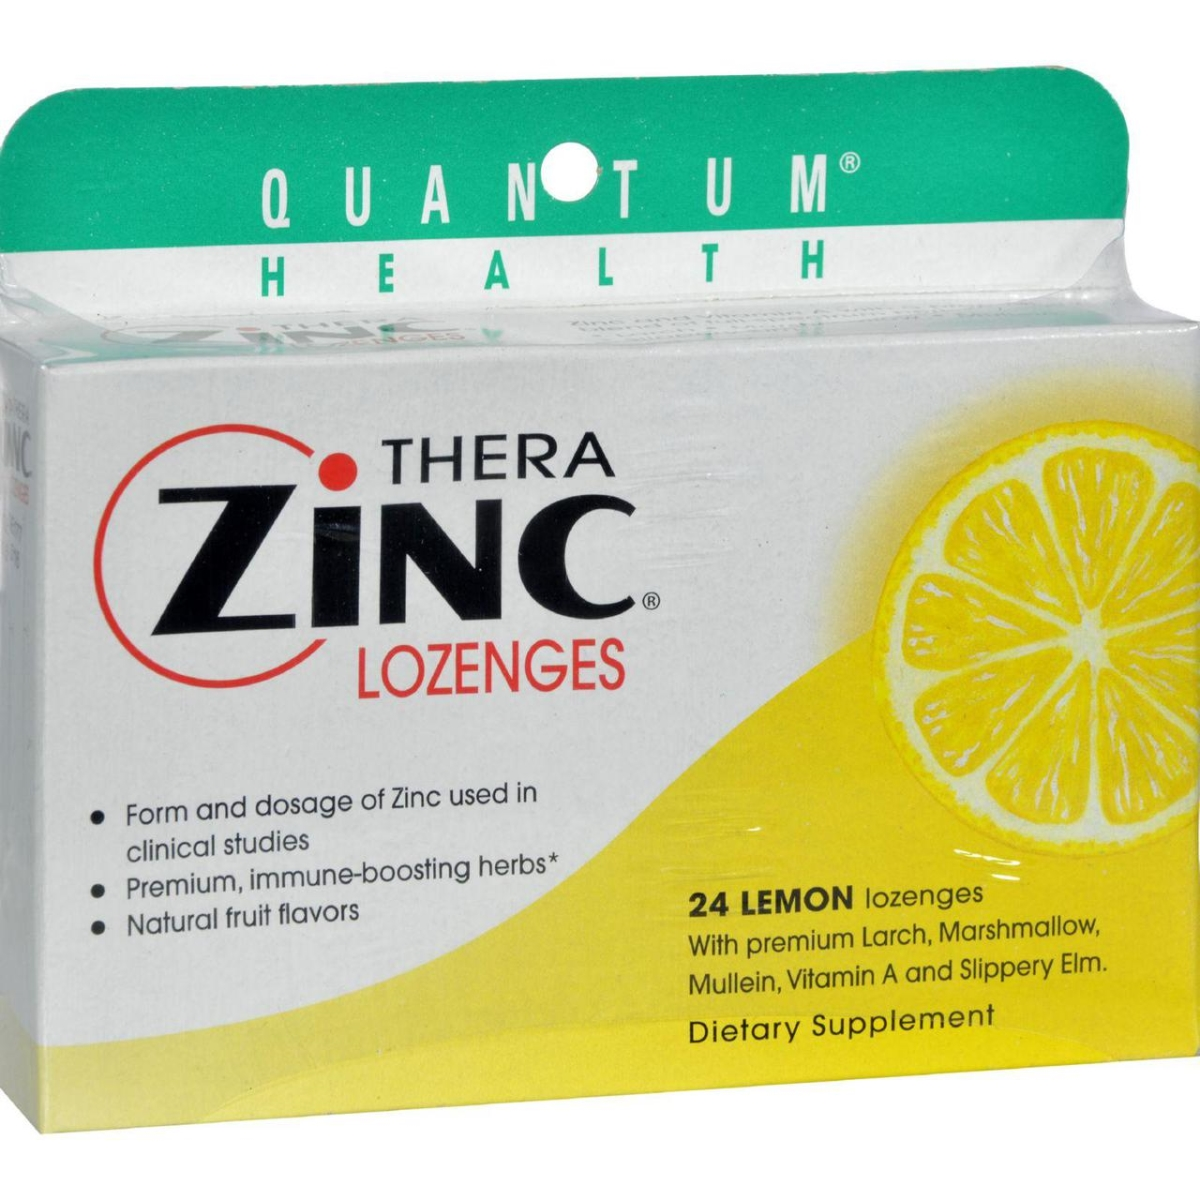 Quantum Research HG0709303 14 mg Quantum Therazinc Cold Season Plus Lozenges Lemon - 24 Lozenges